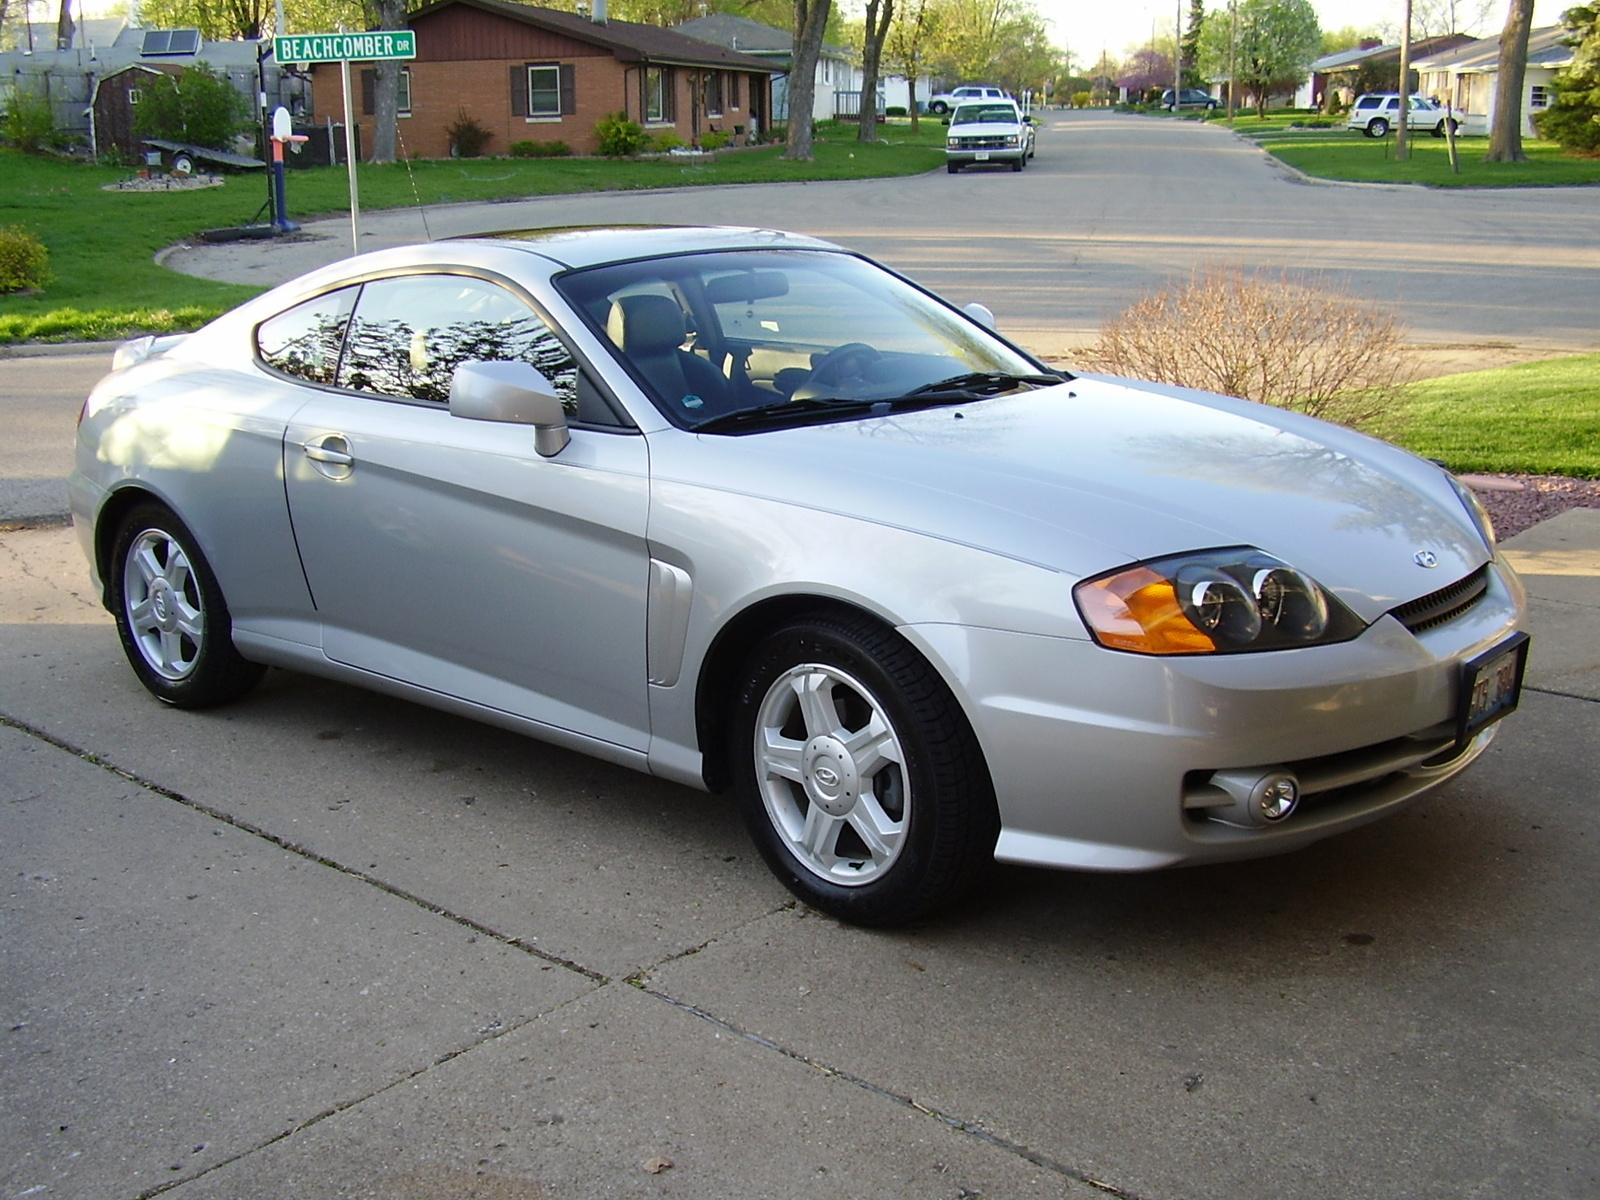 2003 Hyundai Tiburon Pictures Cargurus